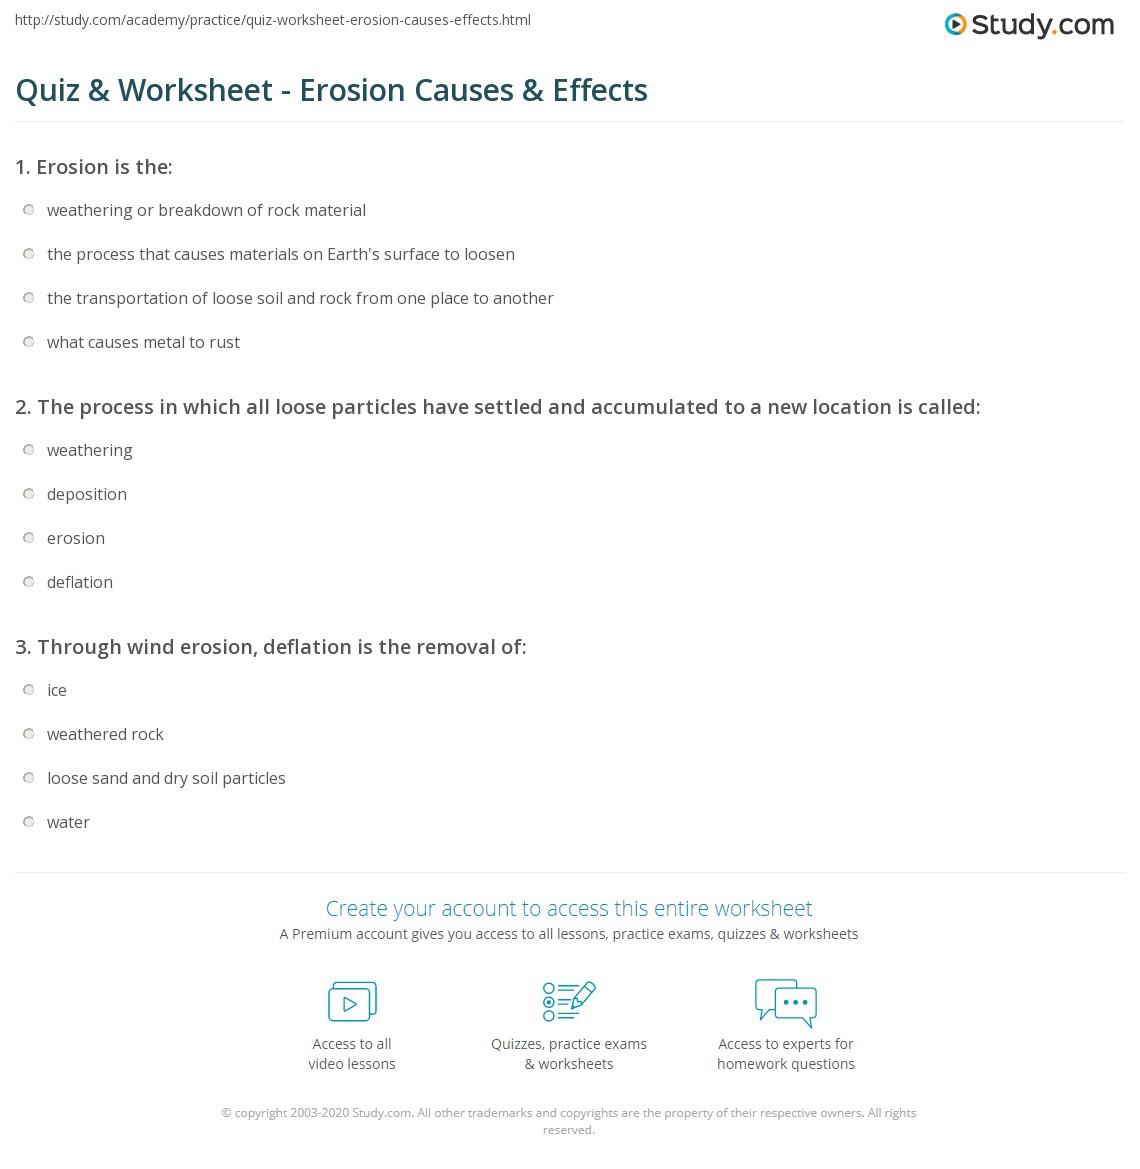 worksheet Erosion Worksheets quiz worksheet erosion causes effects study com print definition worksheet